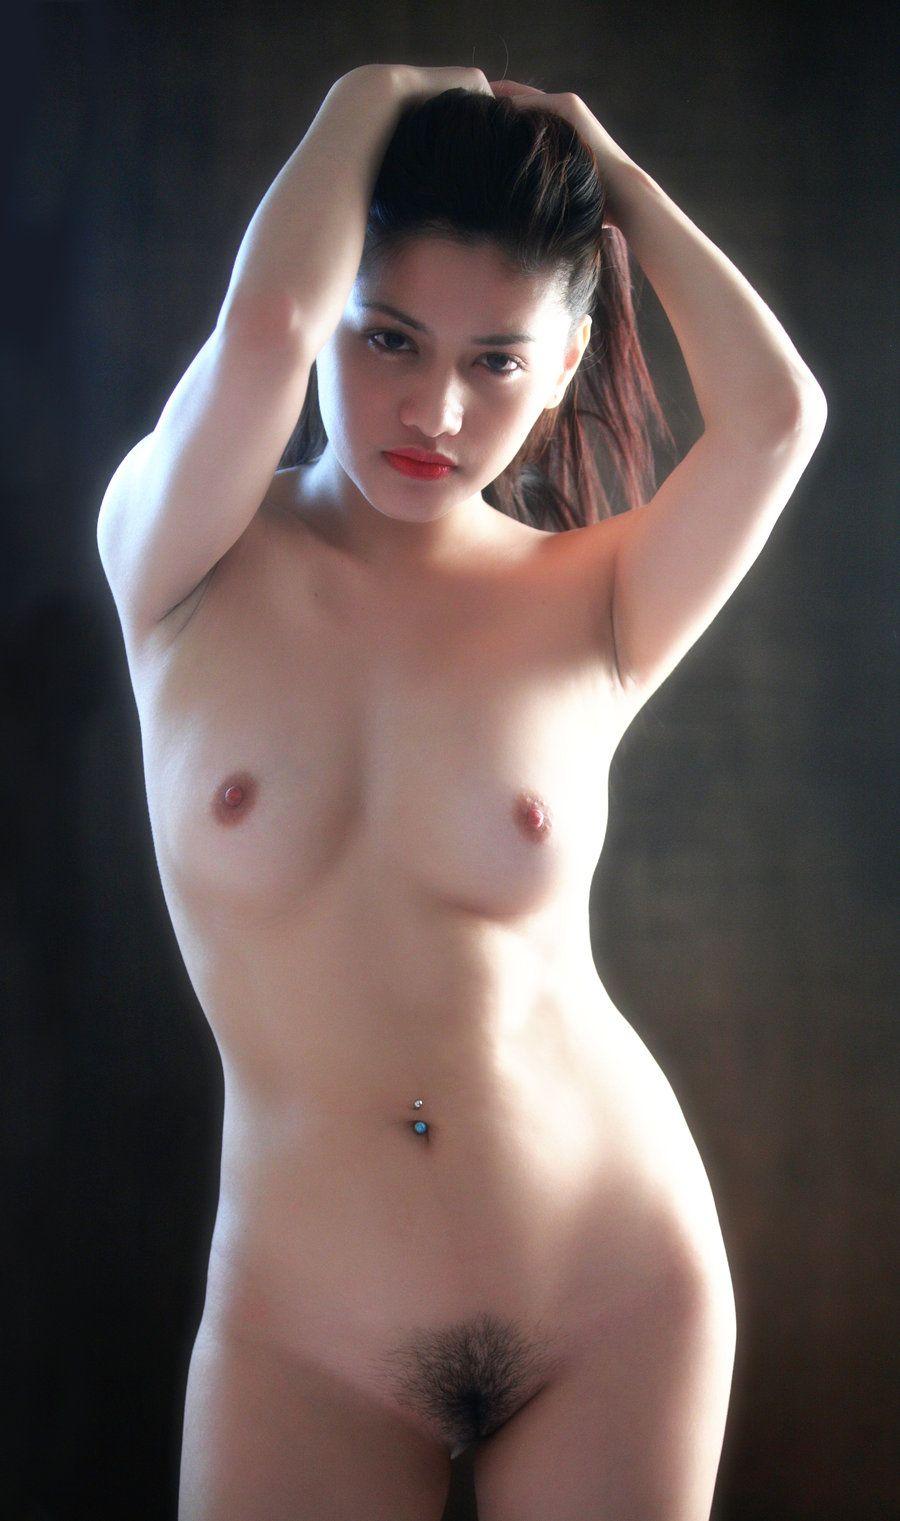 sexy körper frau transsexuelle sucht